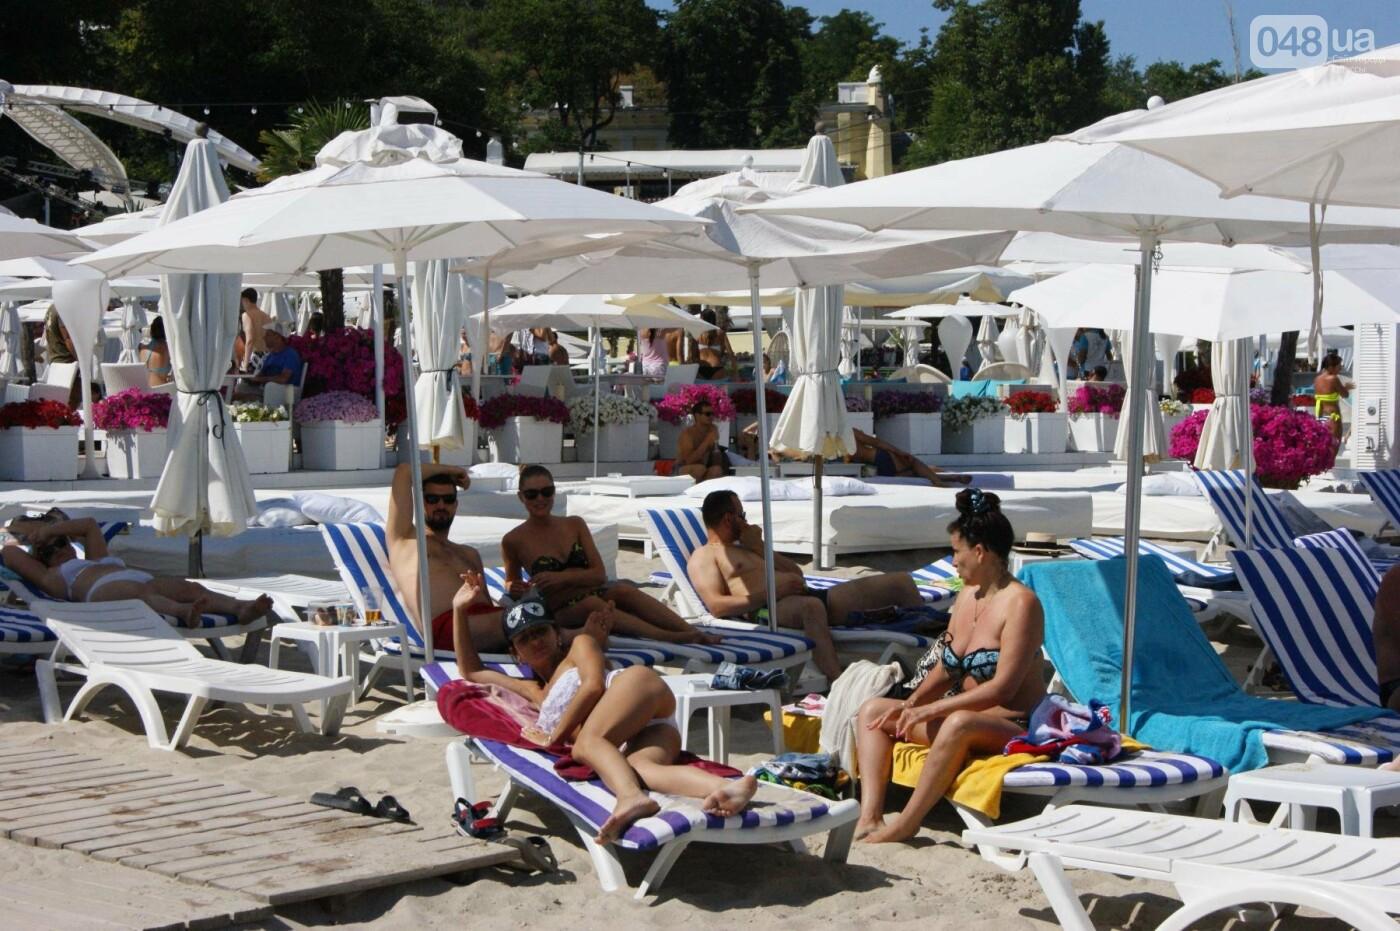 Неприличная Аркадия: что и почем на самом пафосном курорте Одессы, - ФОТОРЕПОРТАЖ, фото-1